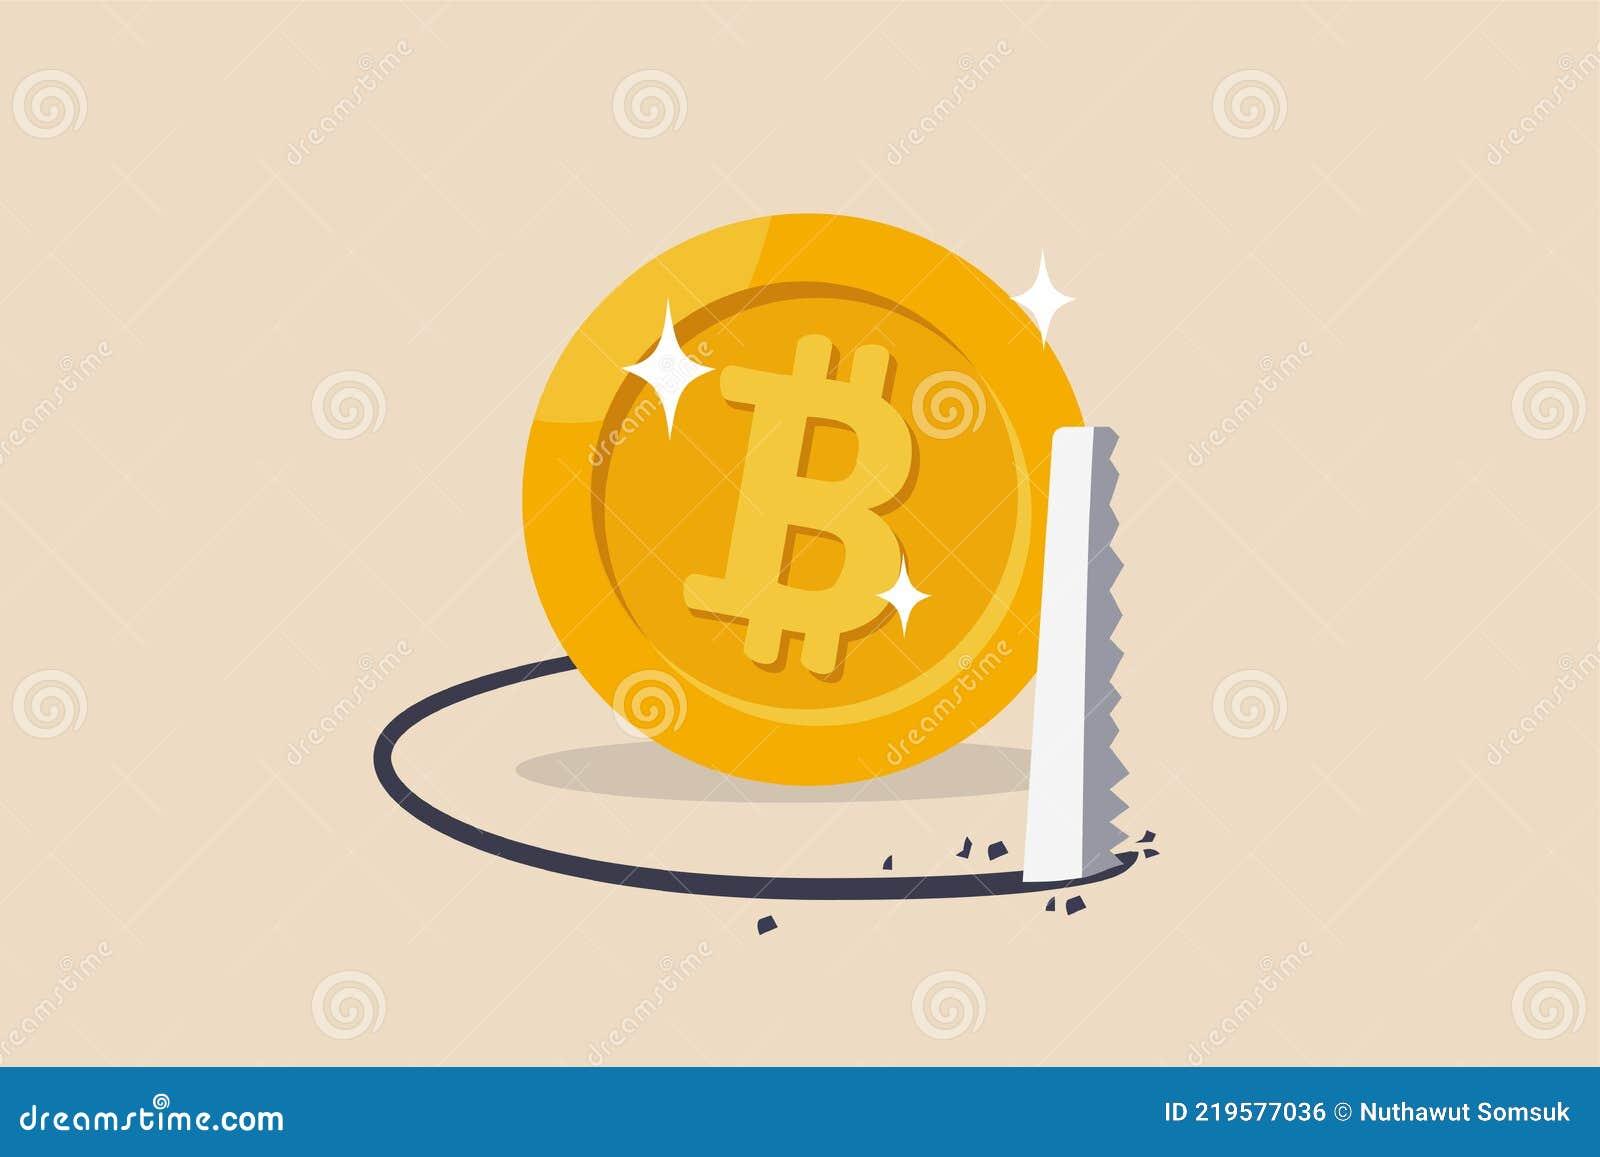 cme trading bitcoin futures bitcoin broker canada